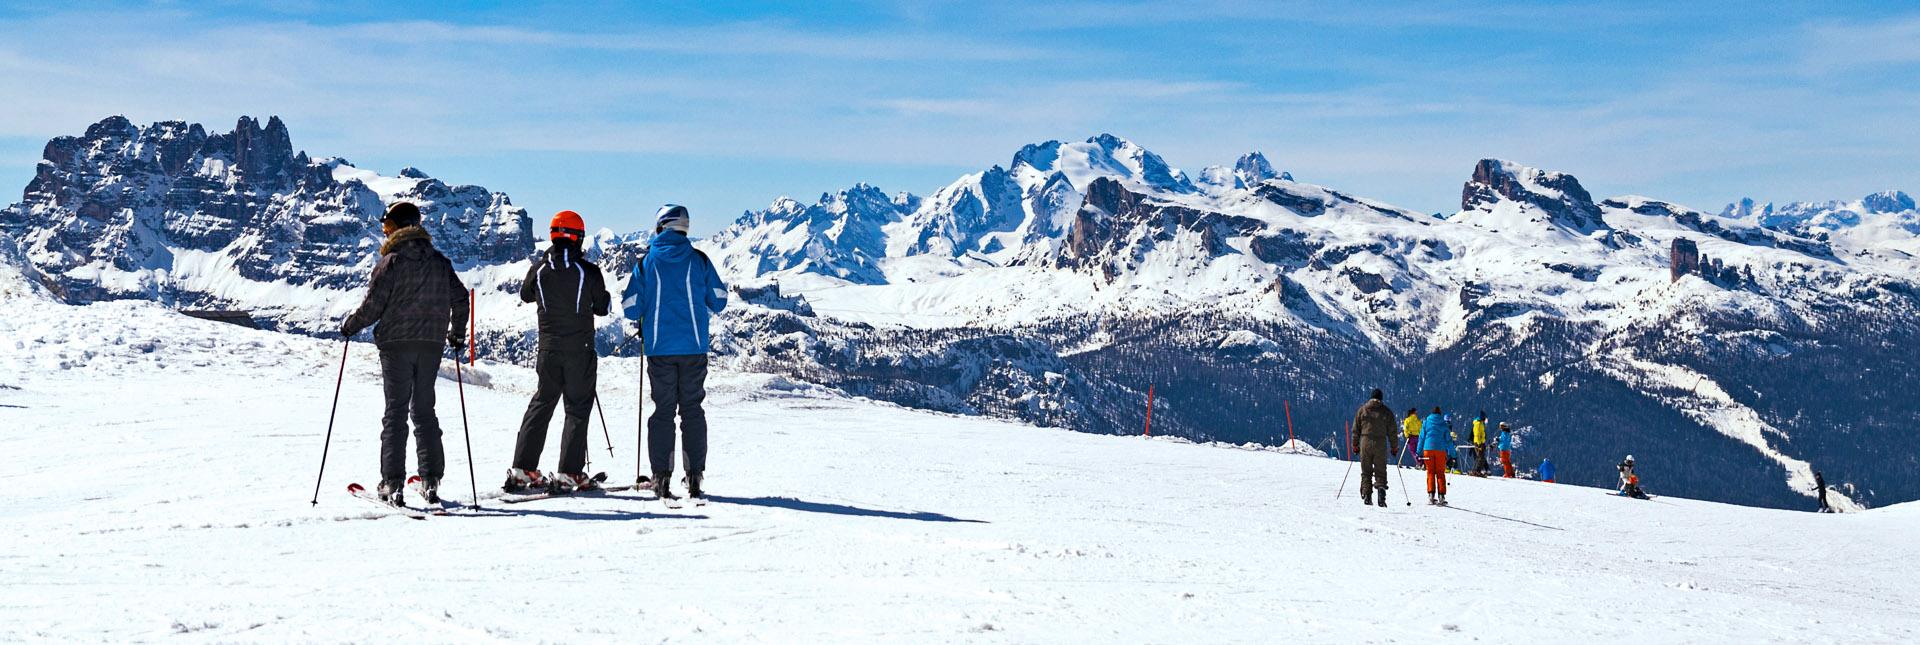 Cortina d'Ampezzo – Many off-piste slopes